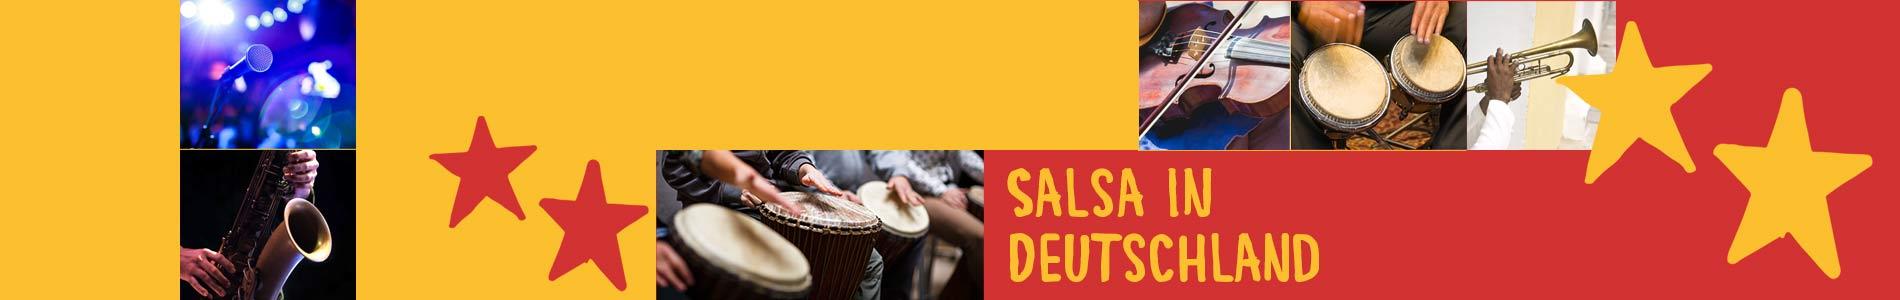 Salsa in Burgheim – Salsa lernen und tanzen, Tanzkurse, Partys, Veranstaltungen